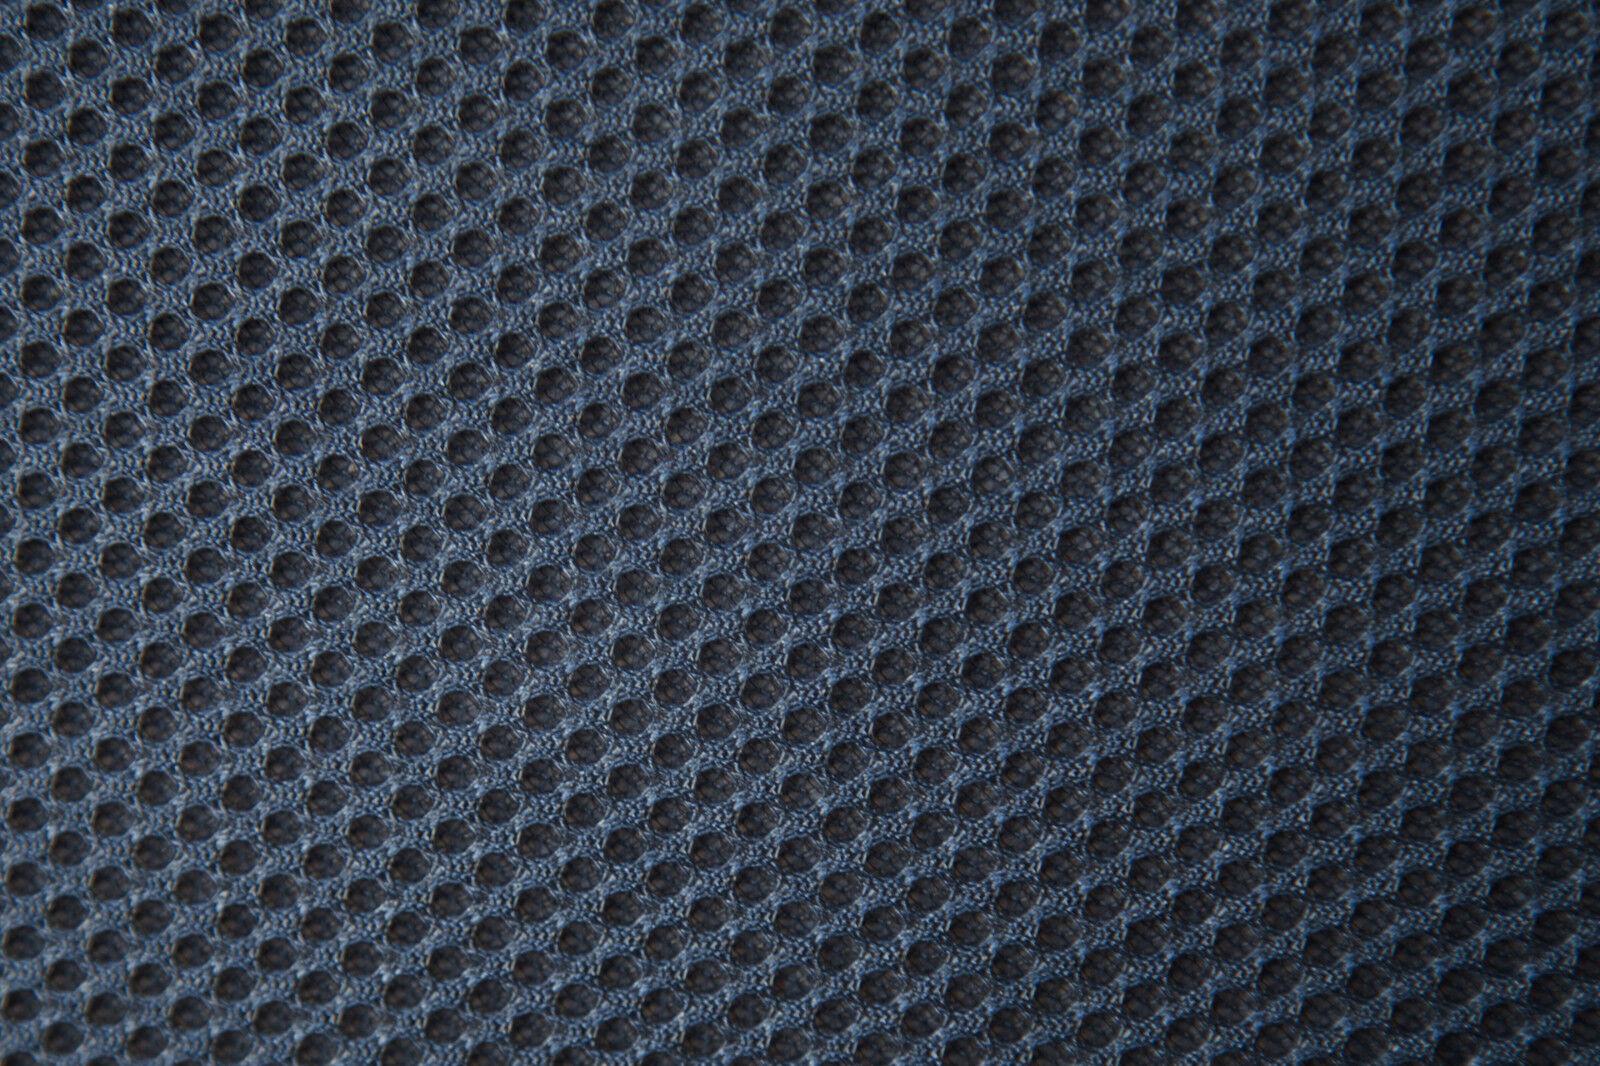 Base tapizada 150x200 color cm Tela 3D Muy Transpirable color 150x200 Gris INCLUYE 6 PATAS 96e2d7